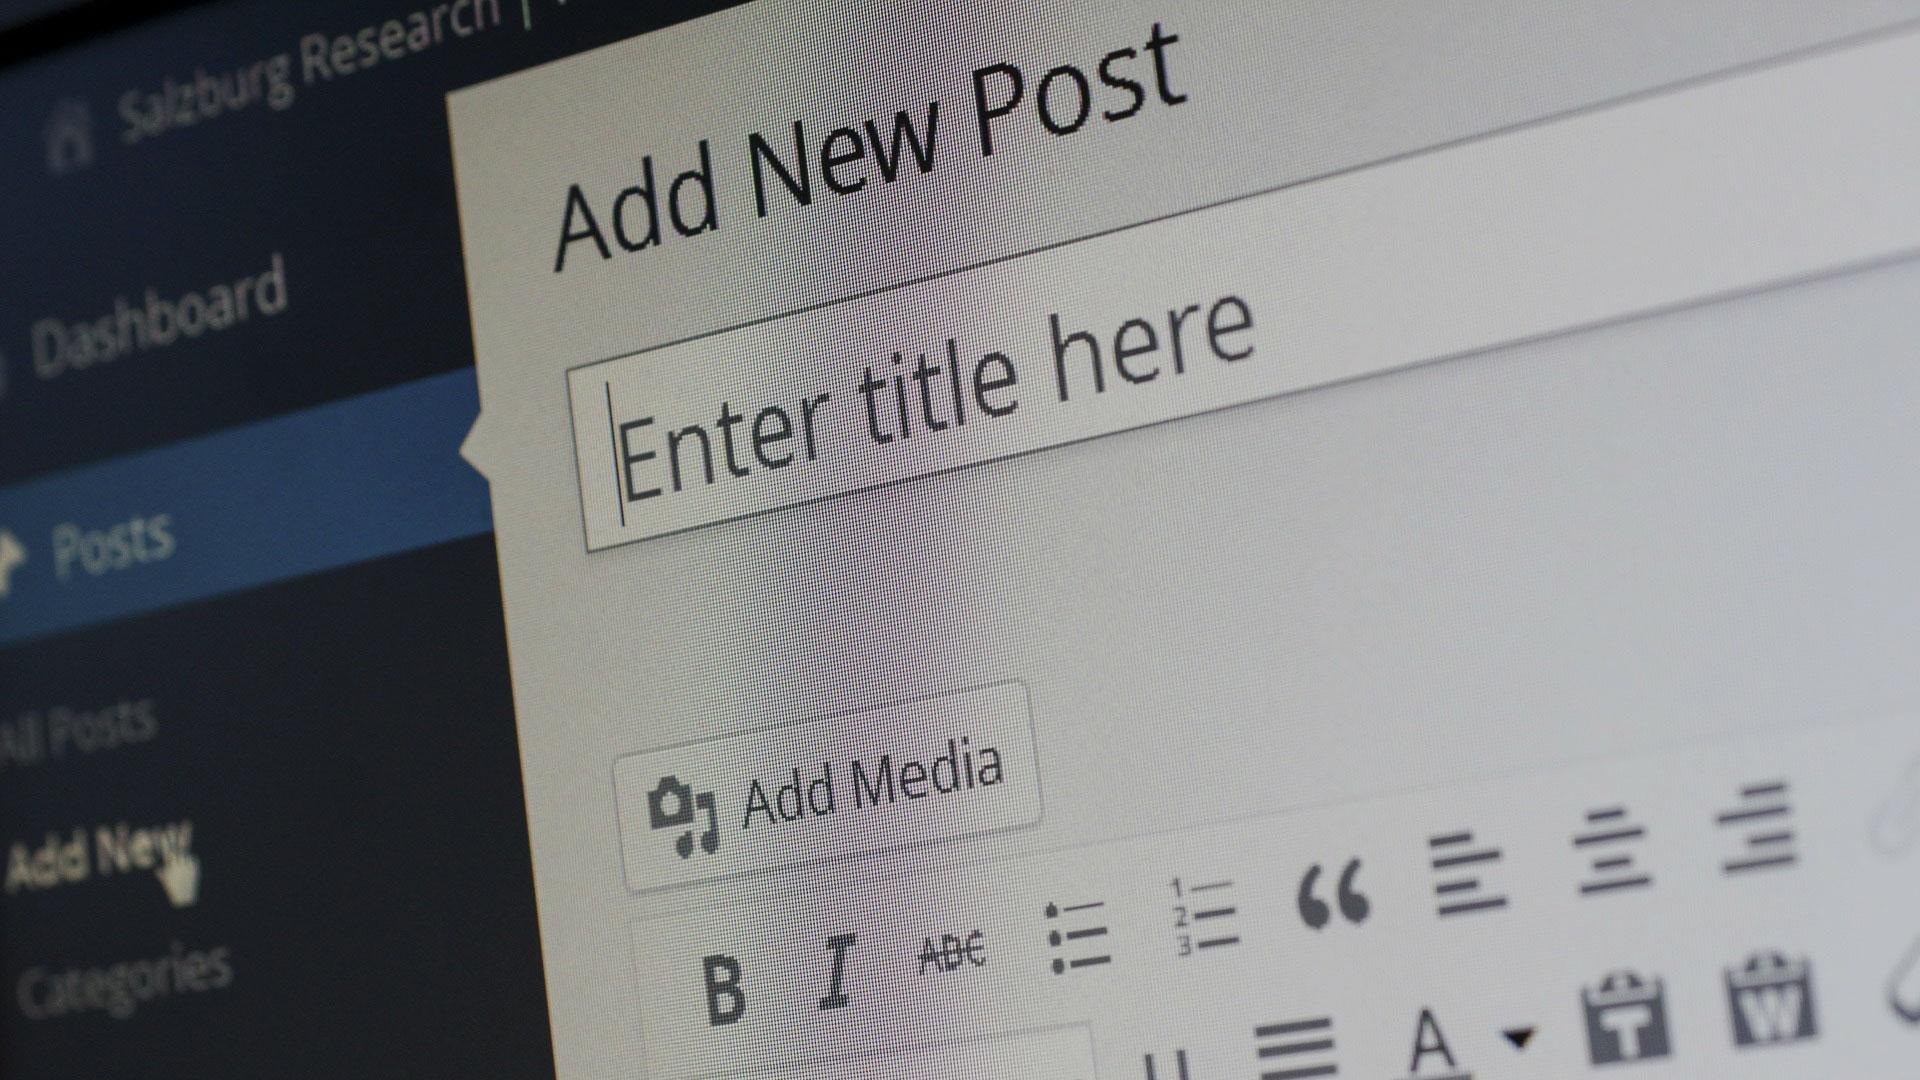 Migliorare i contenuti del blog